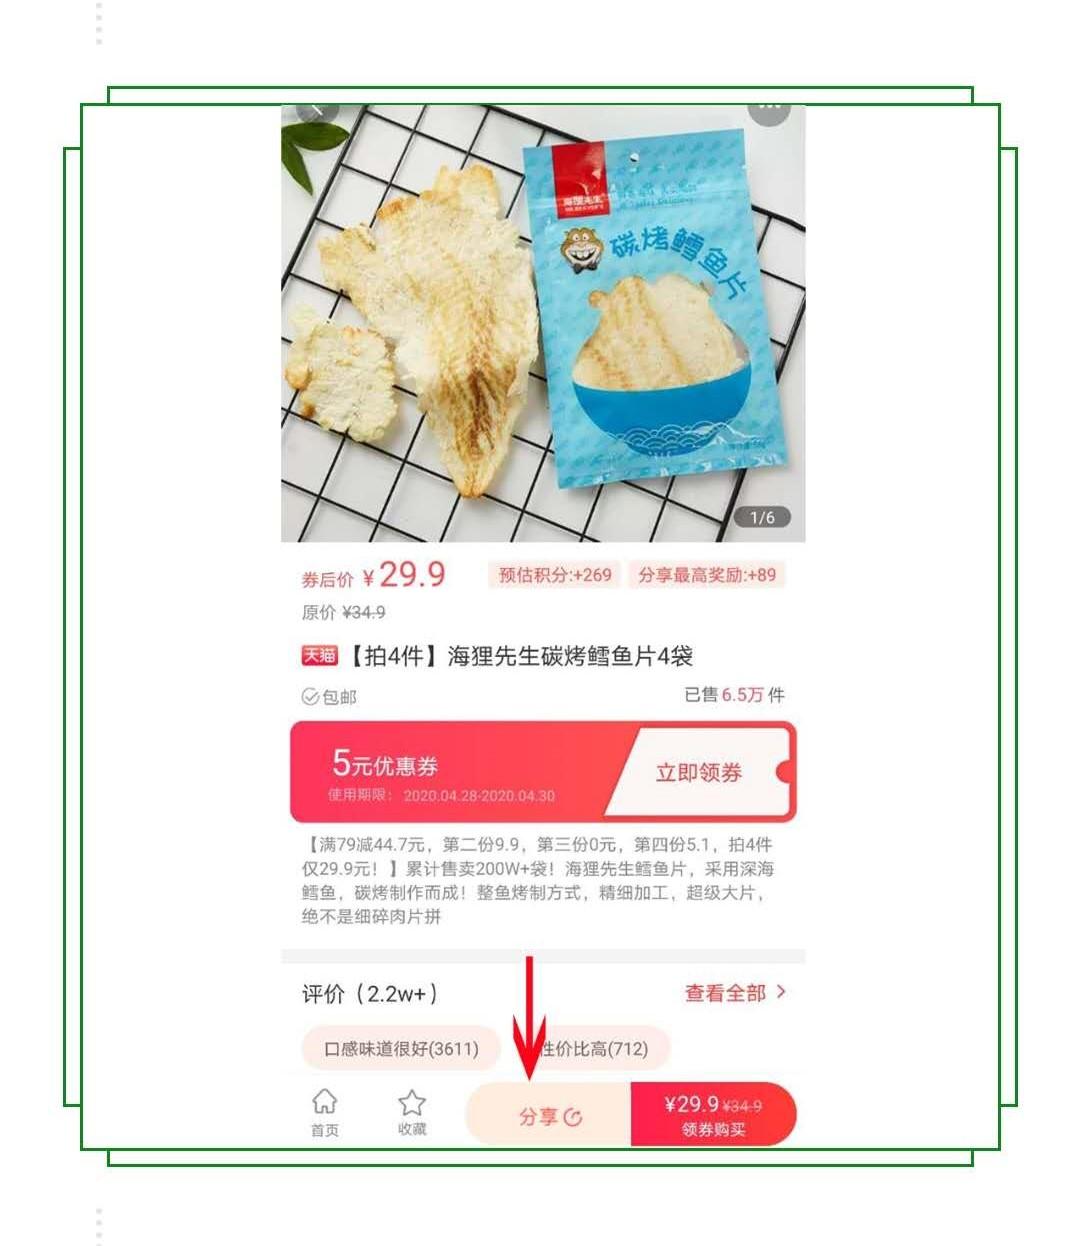 邻家小惠app如何分享好商品给朋友